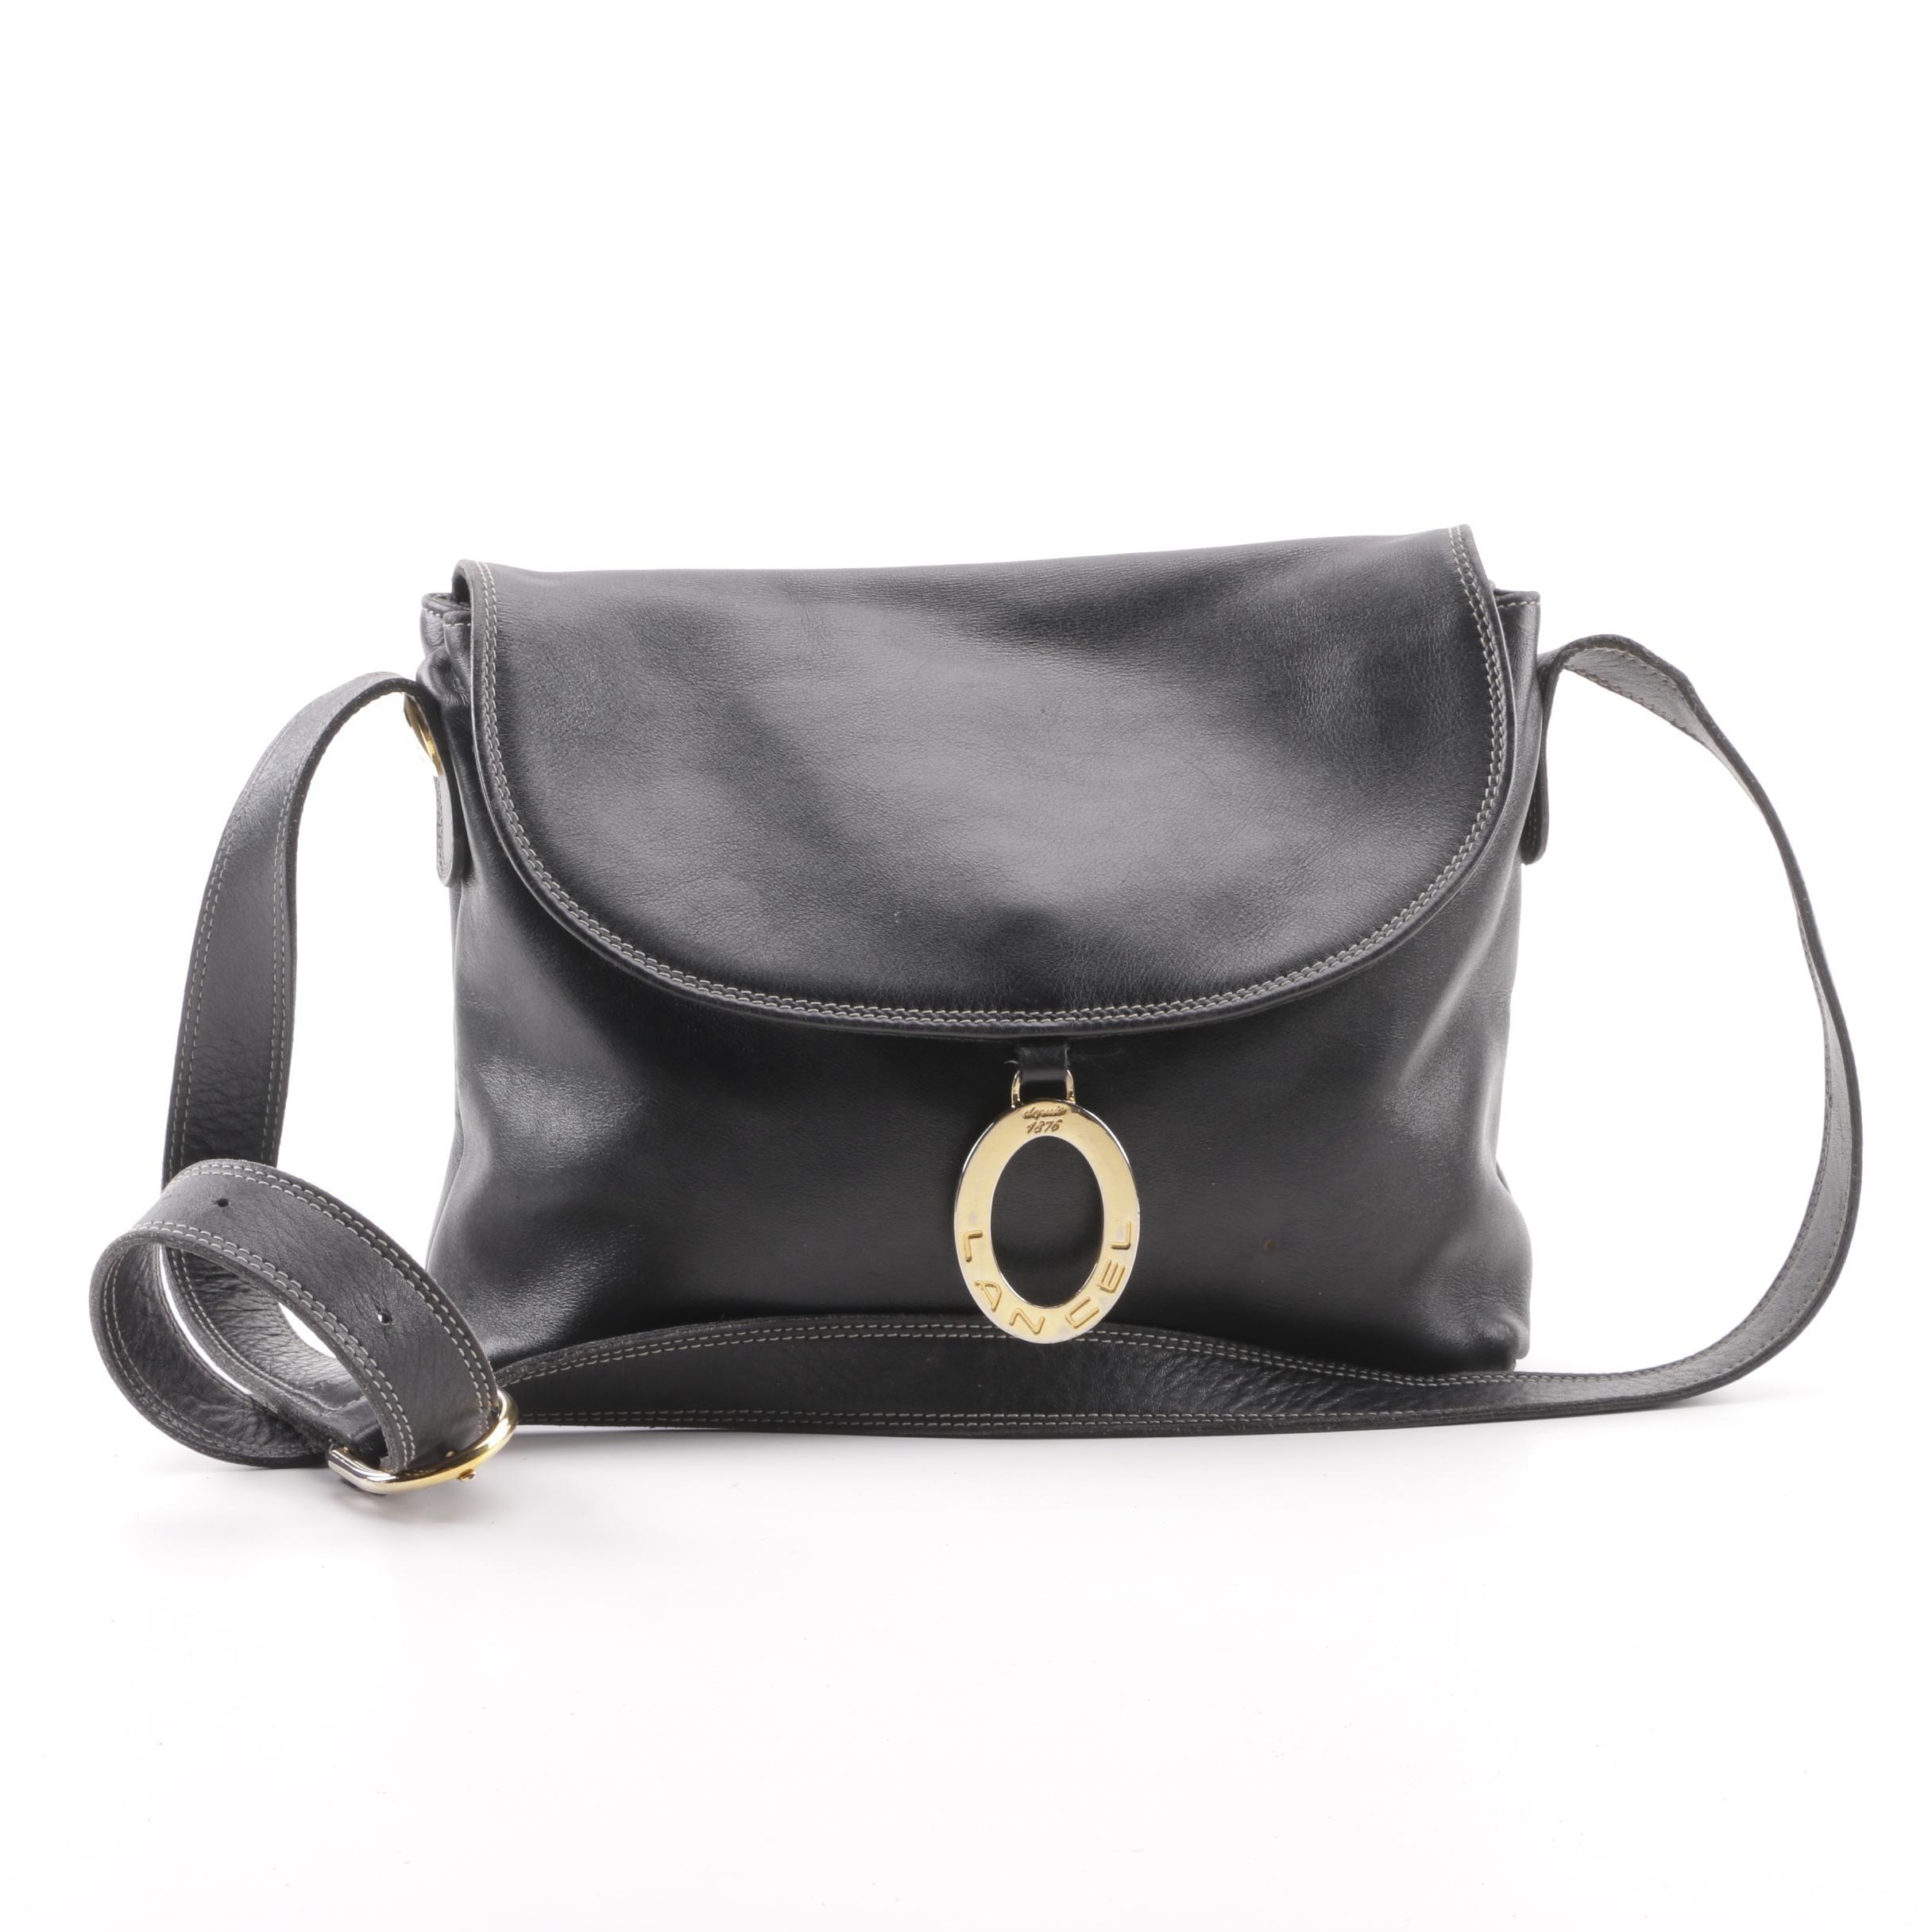 Lancel of Paris Black Leather Shoulder Bag